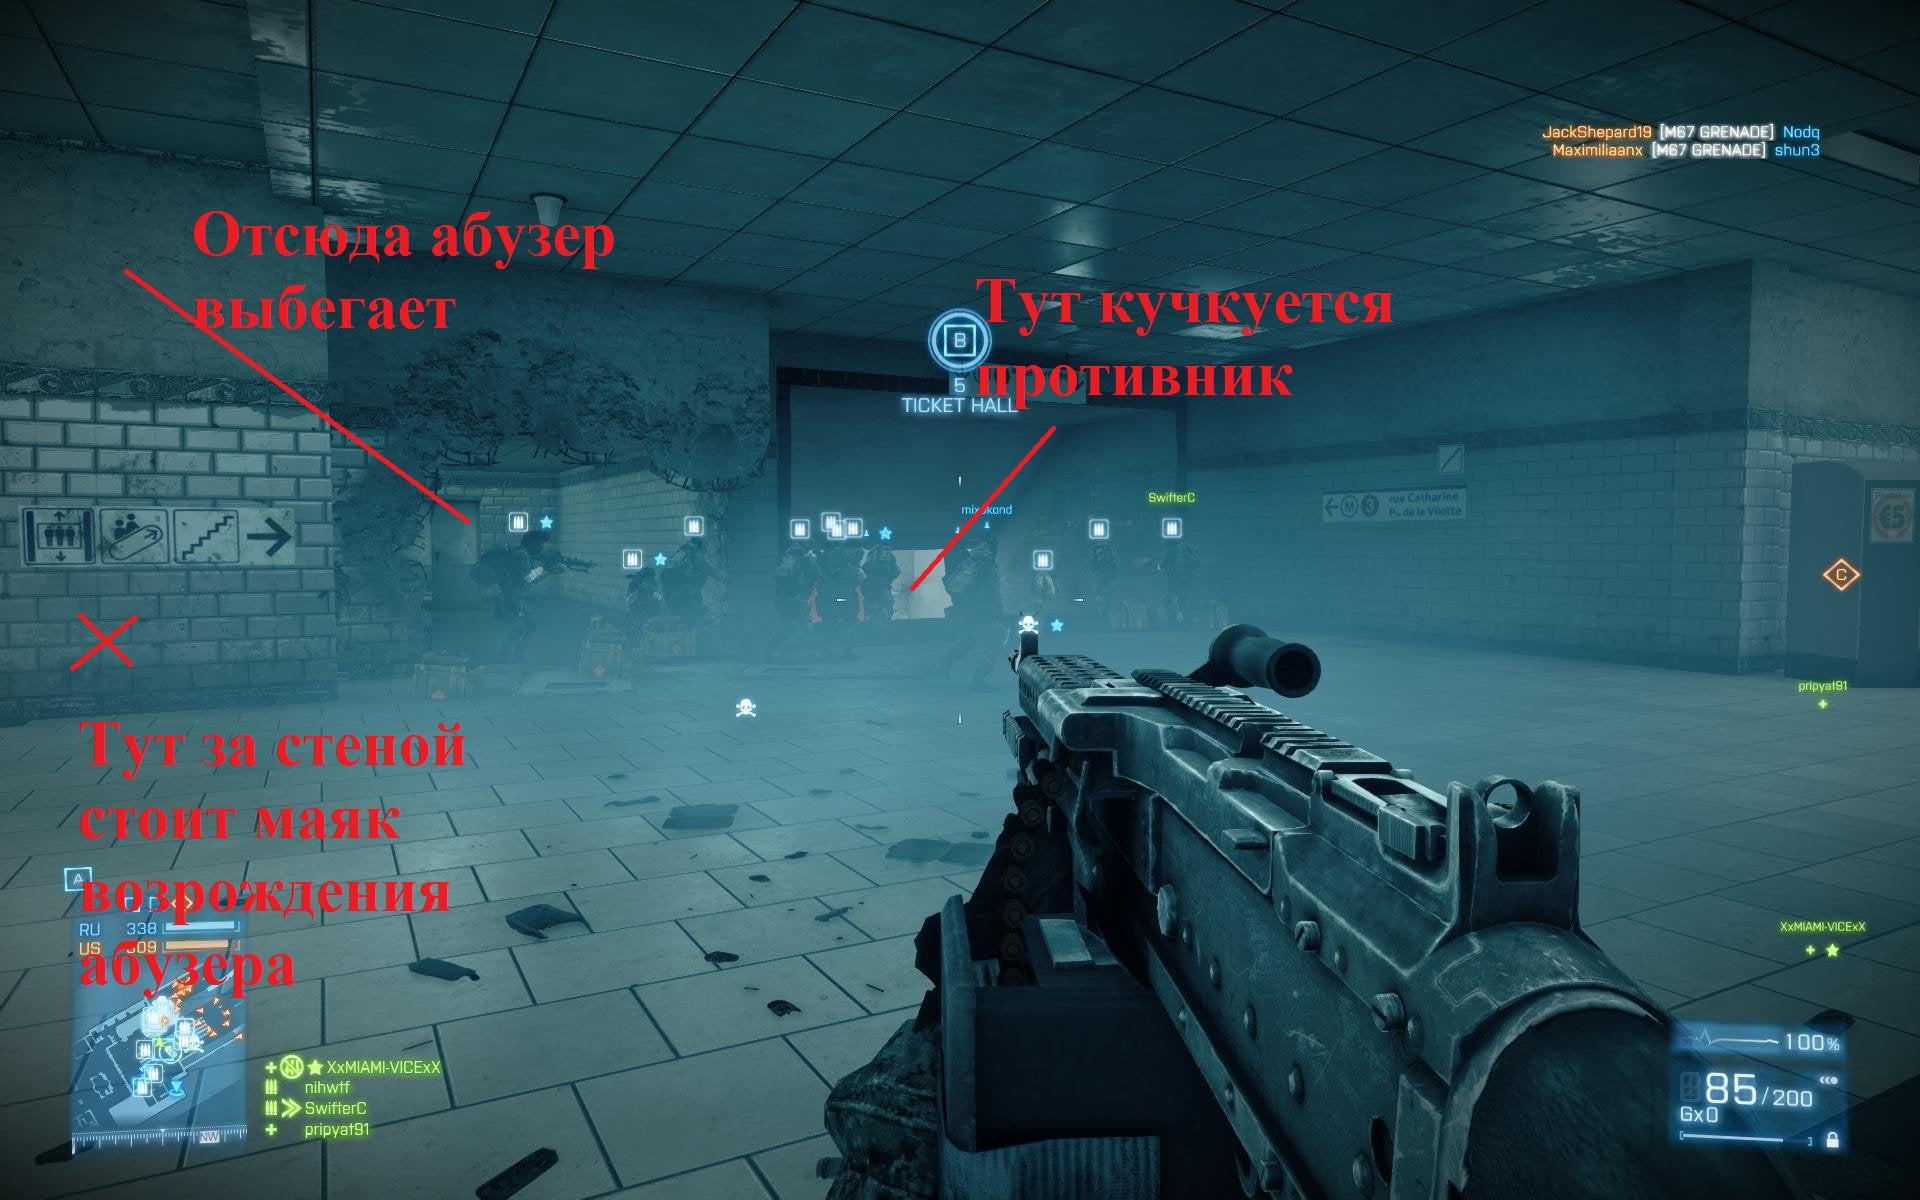 метро | Ошибки геймдизайна. Почему Battlefield-3 — не шедевр.